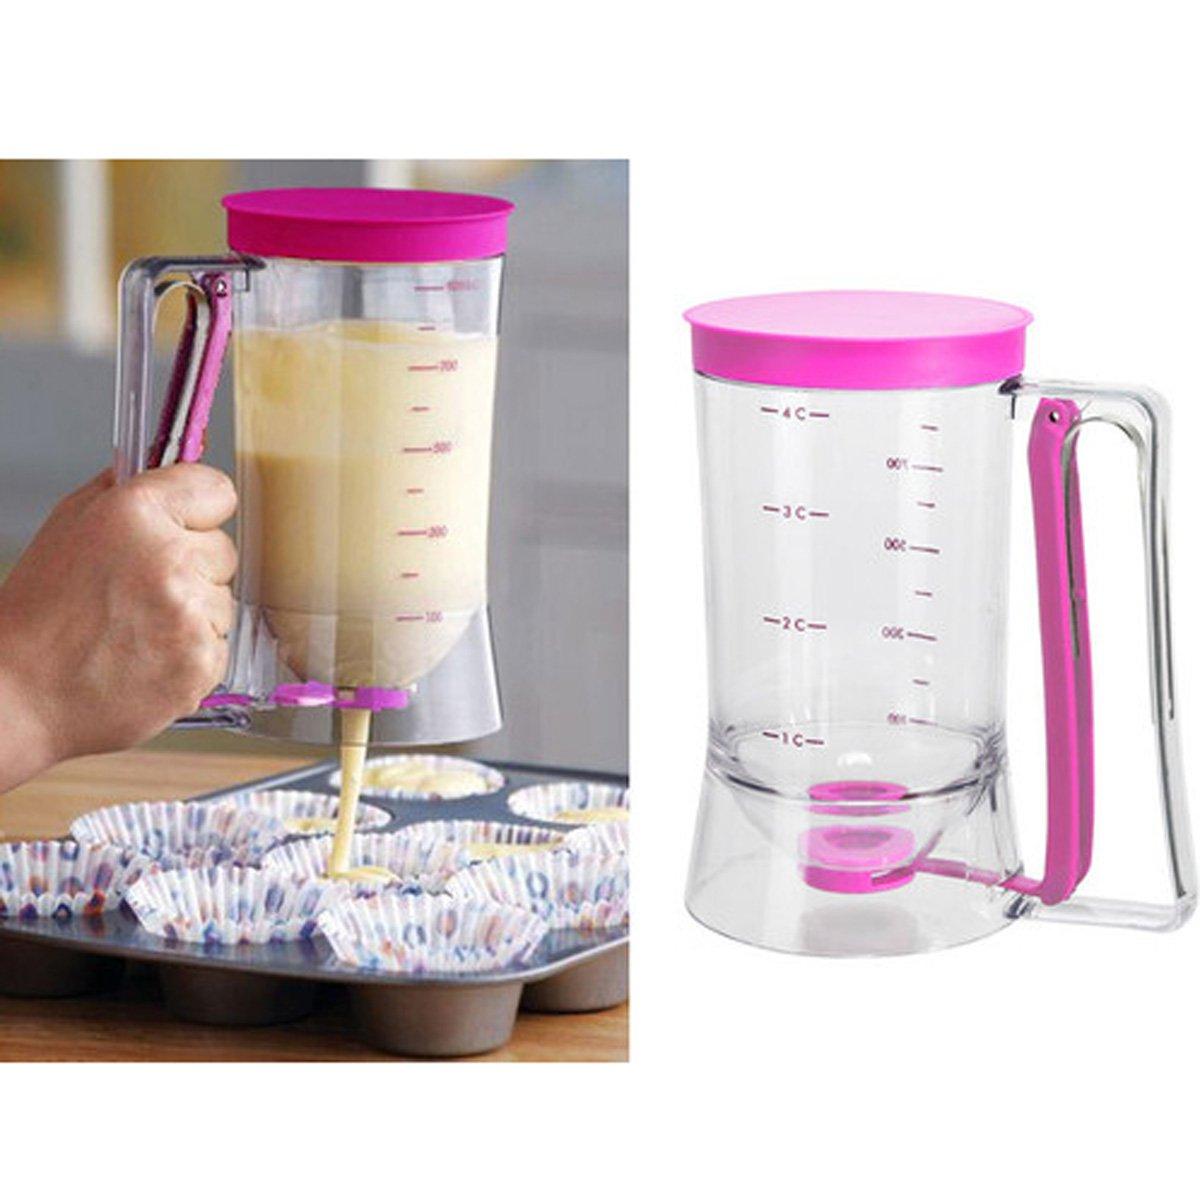 Batter Dispenser Cake Pancake Cupcake Measuring Cup Cake Mix Release Jug Tool Denny International®